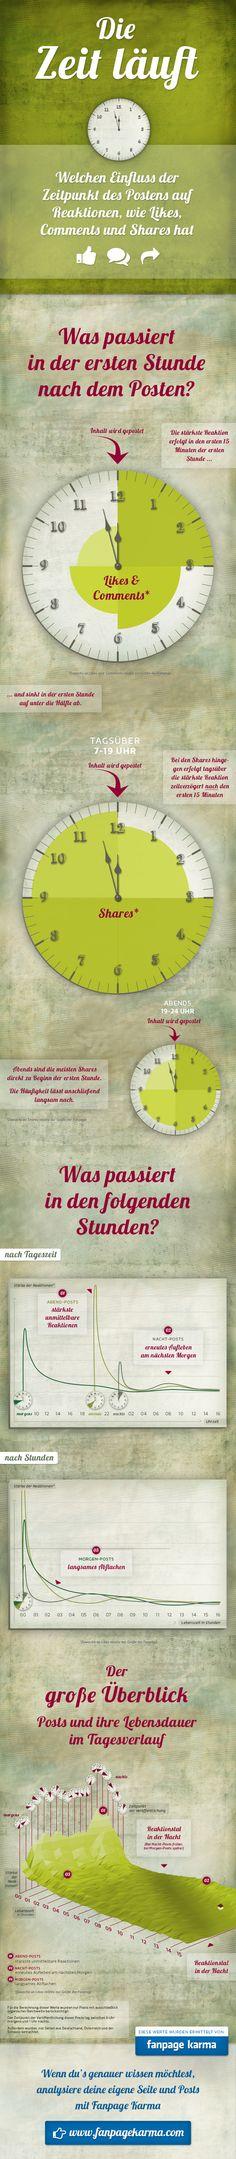 Infografik So kannst du mit dem richtigen post zeitpunkt die interaktionen beeinflussen